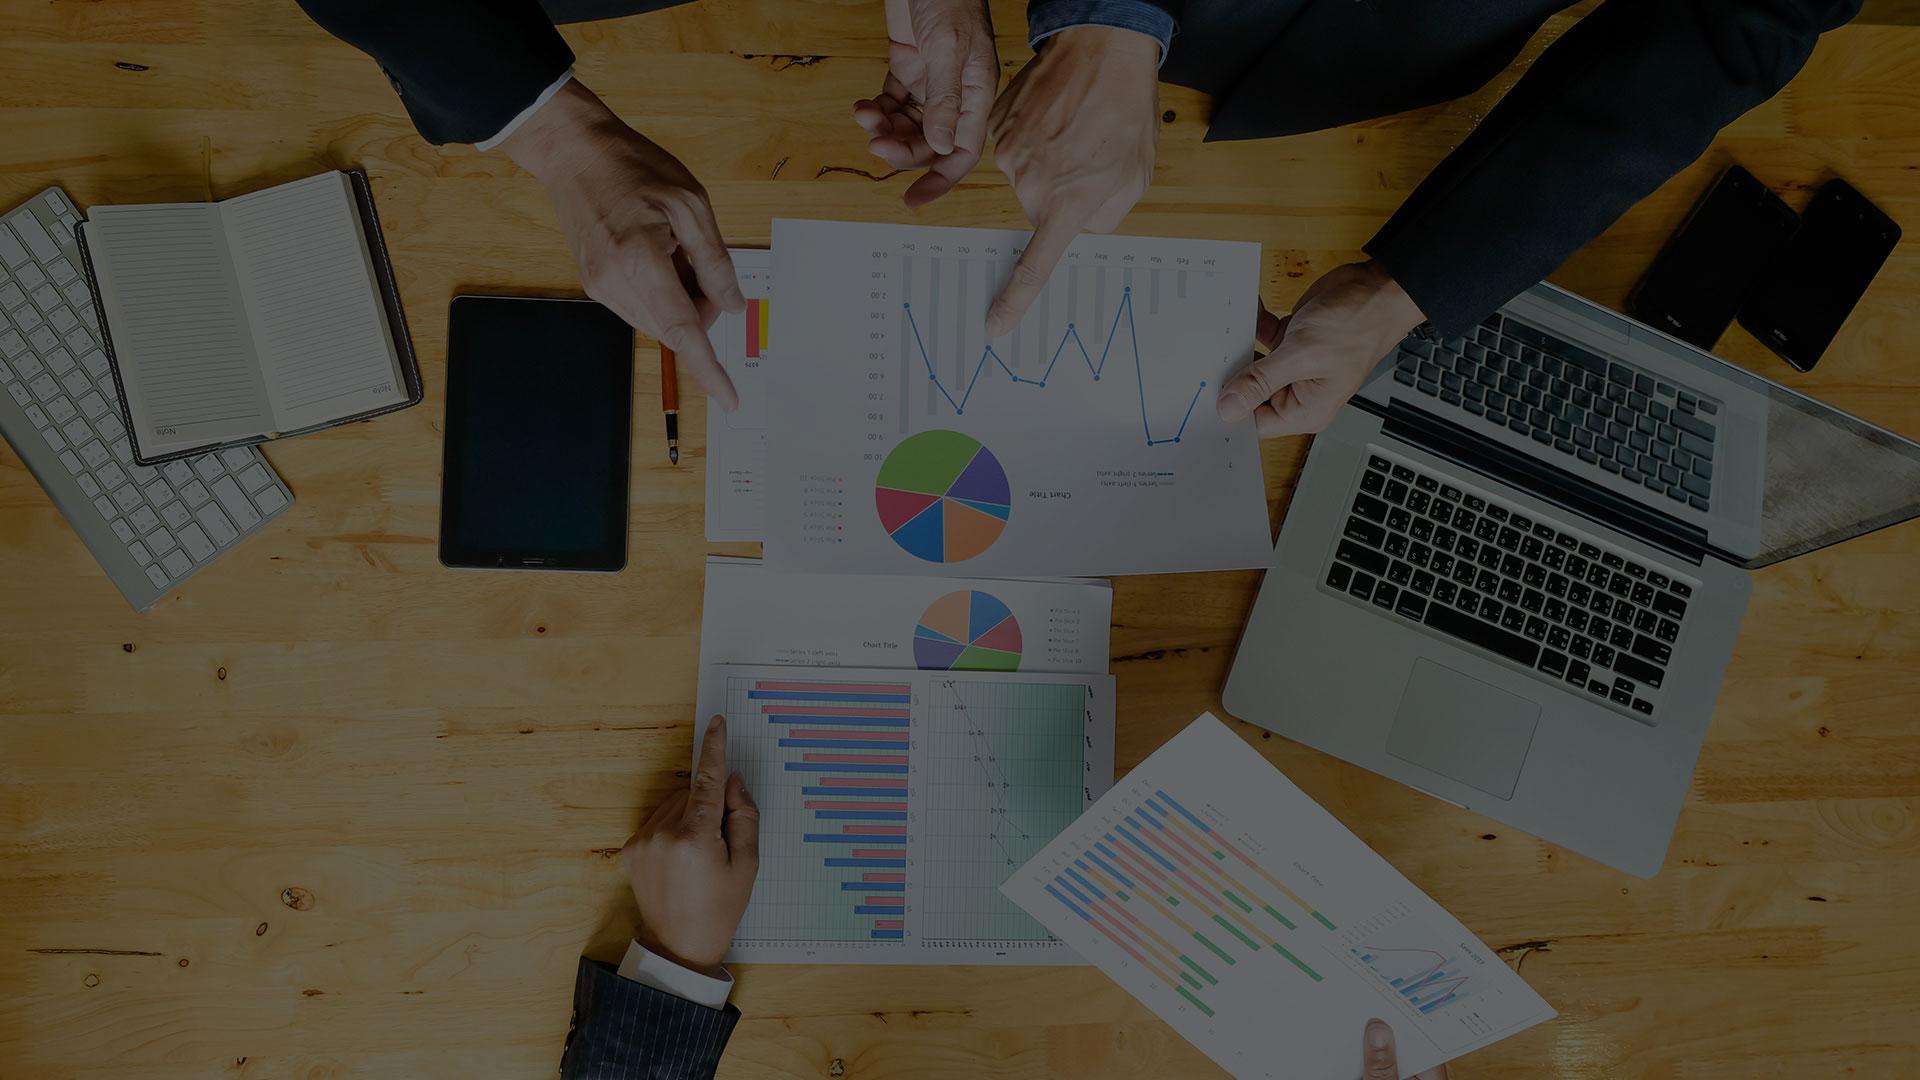 Optimiza tus procesos y mejora tus tasas de conversión con Big data e IA